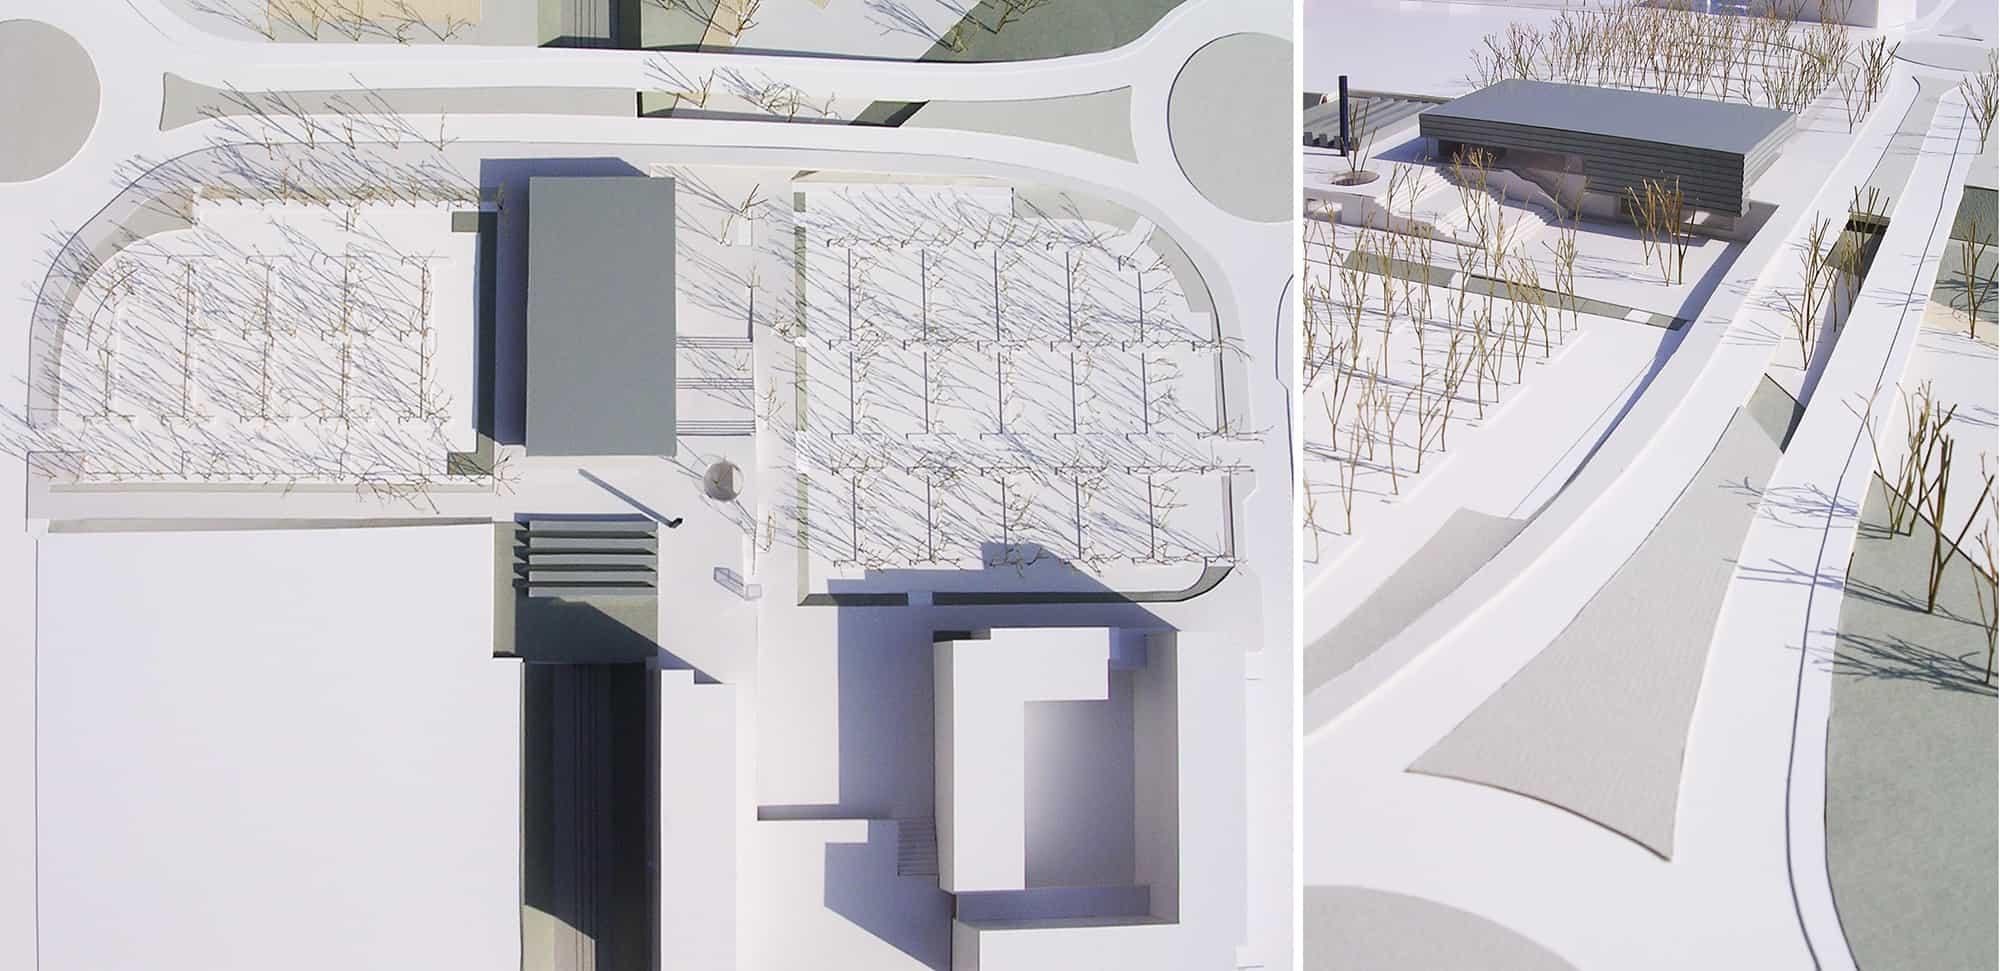 Estación Rivas Futura METRO de Madrid - maqueta - arquitectura transporte - LGV+LANDINEZ+REY | equipo L2G arquitectos, slp [ eL2Gaa ]